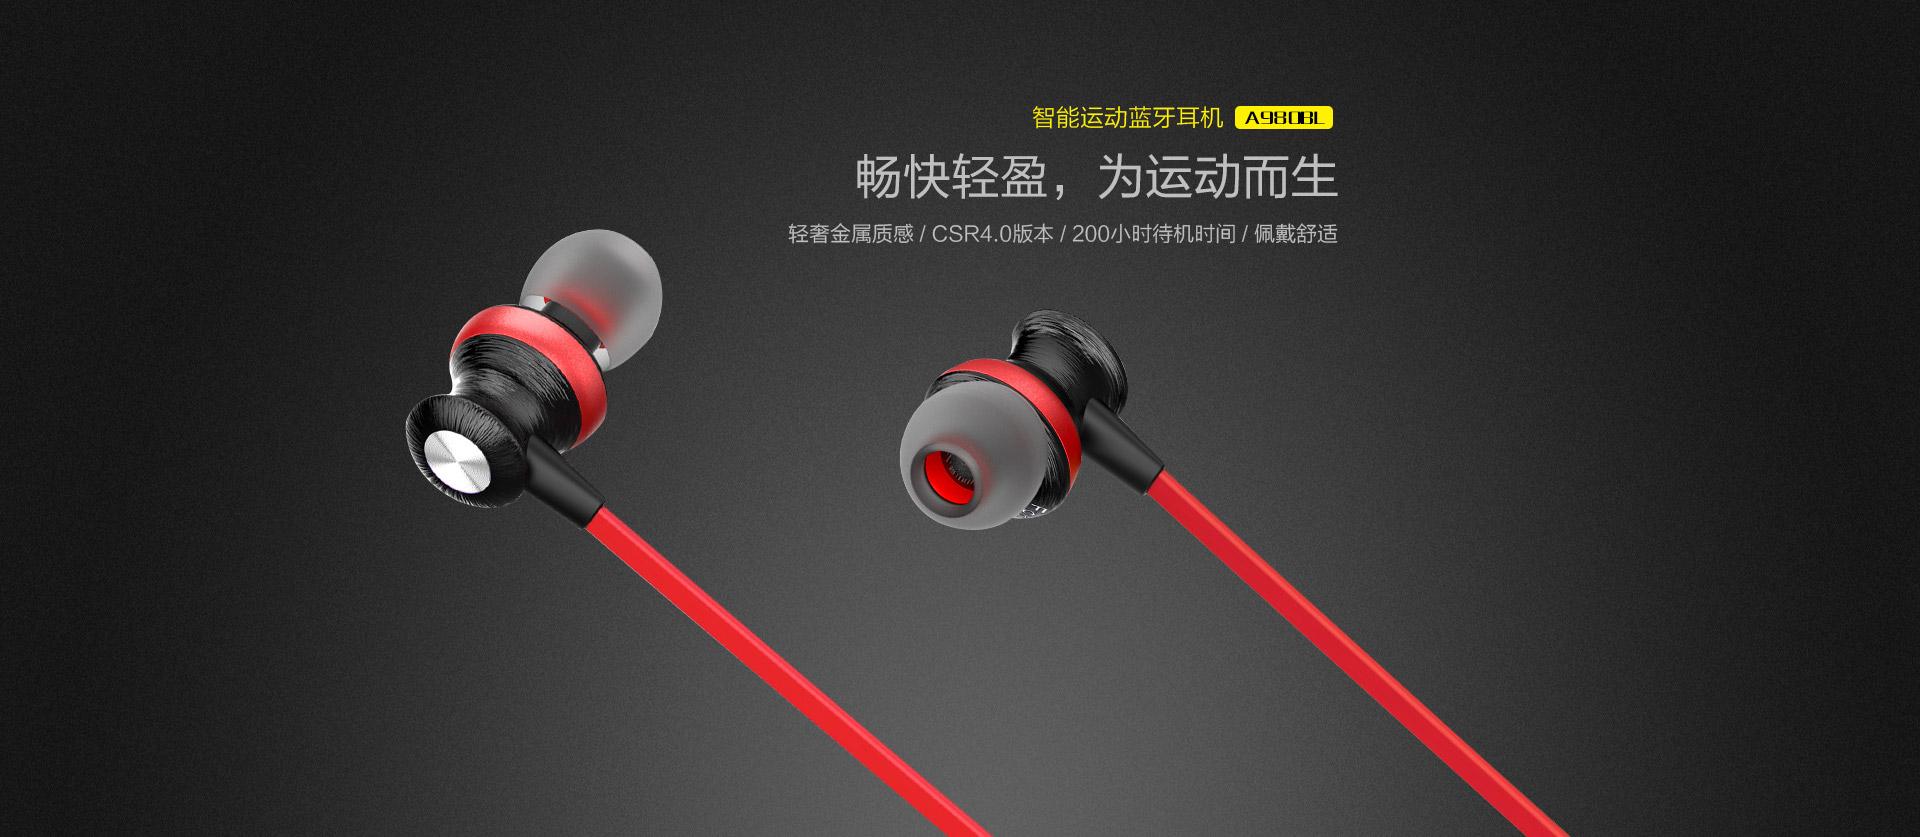 智能运动蓝牙耳机 A980BL